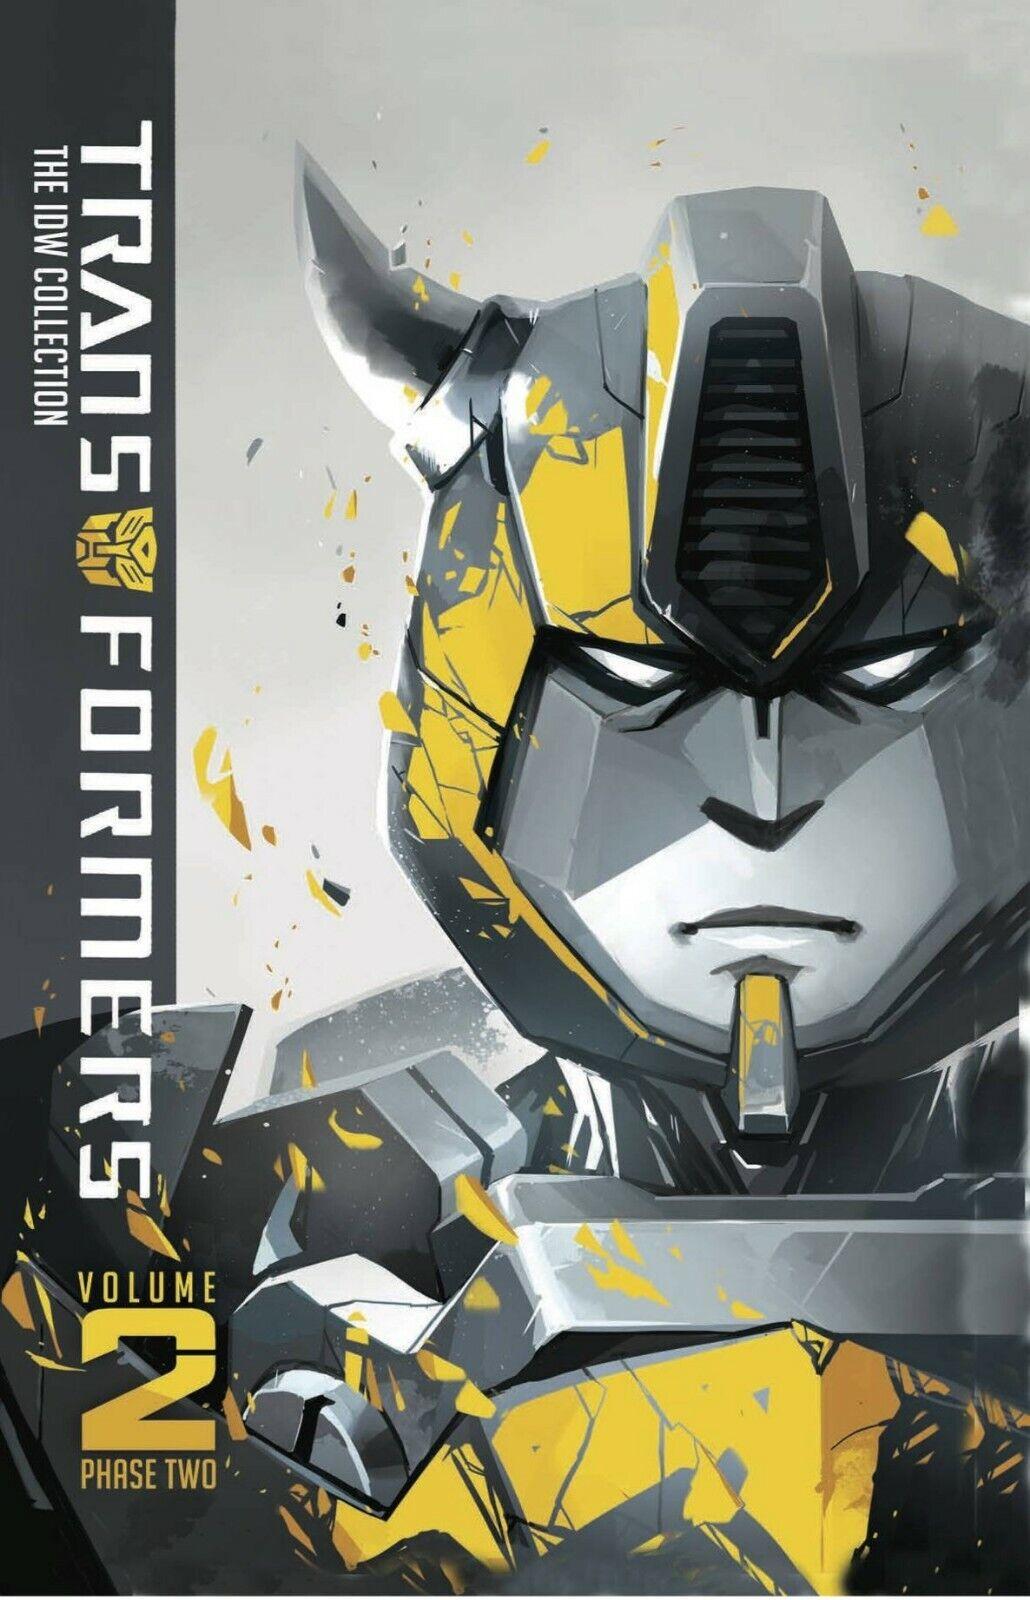 Colección De Transformers De Idw fase dos volumen 2 Tapa Dura -- Bumblebee